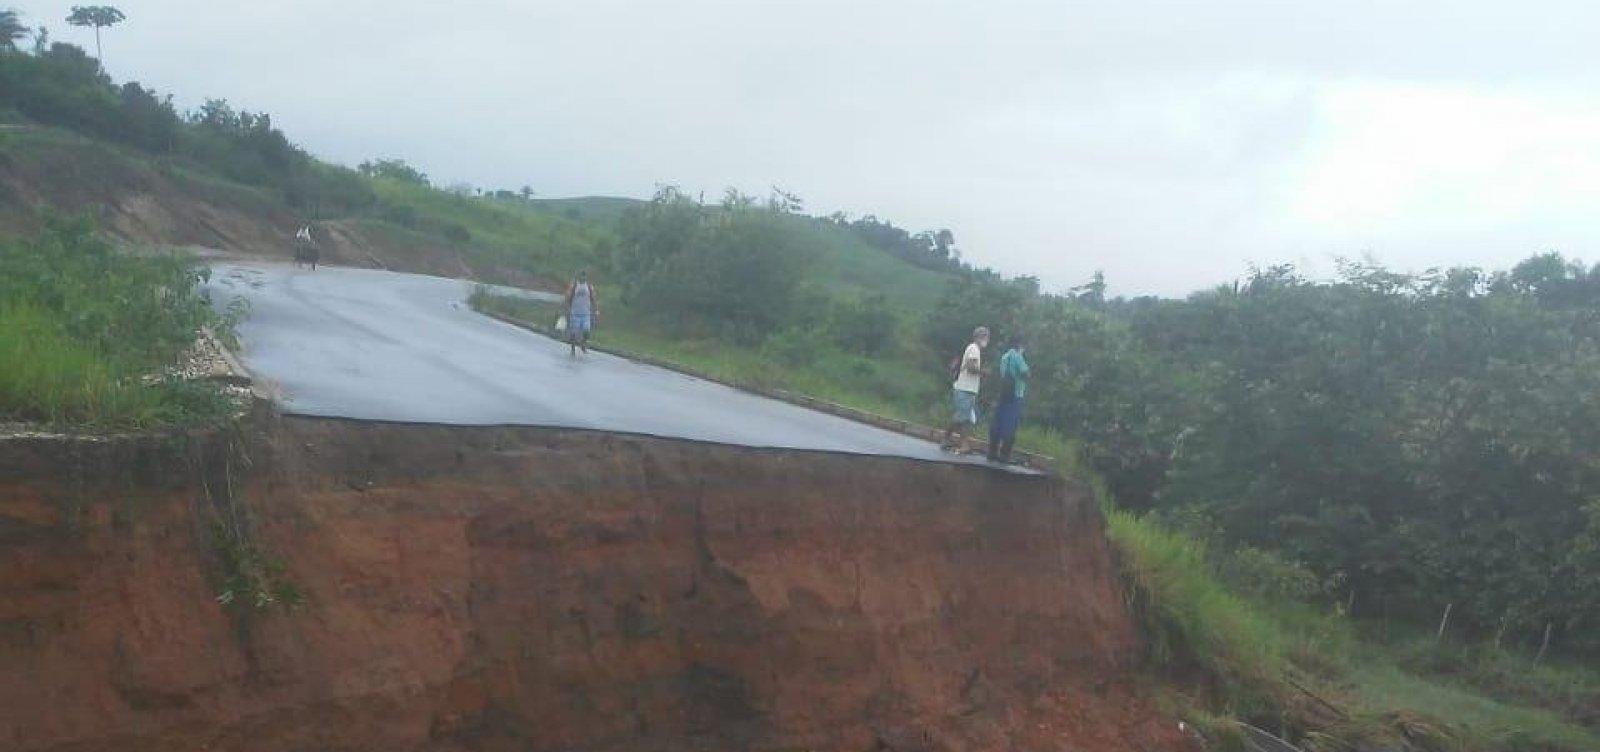 [Erosão em asfalto bloqueia trecho da BR-101 próximo a divisa entre Bahia e Sergipe]